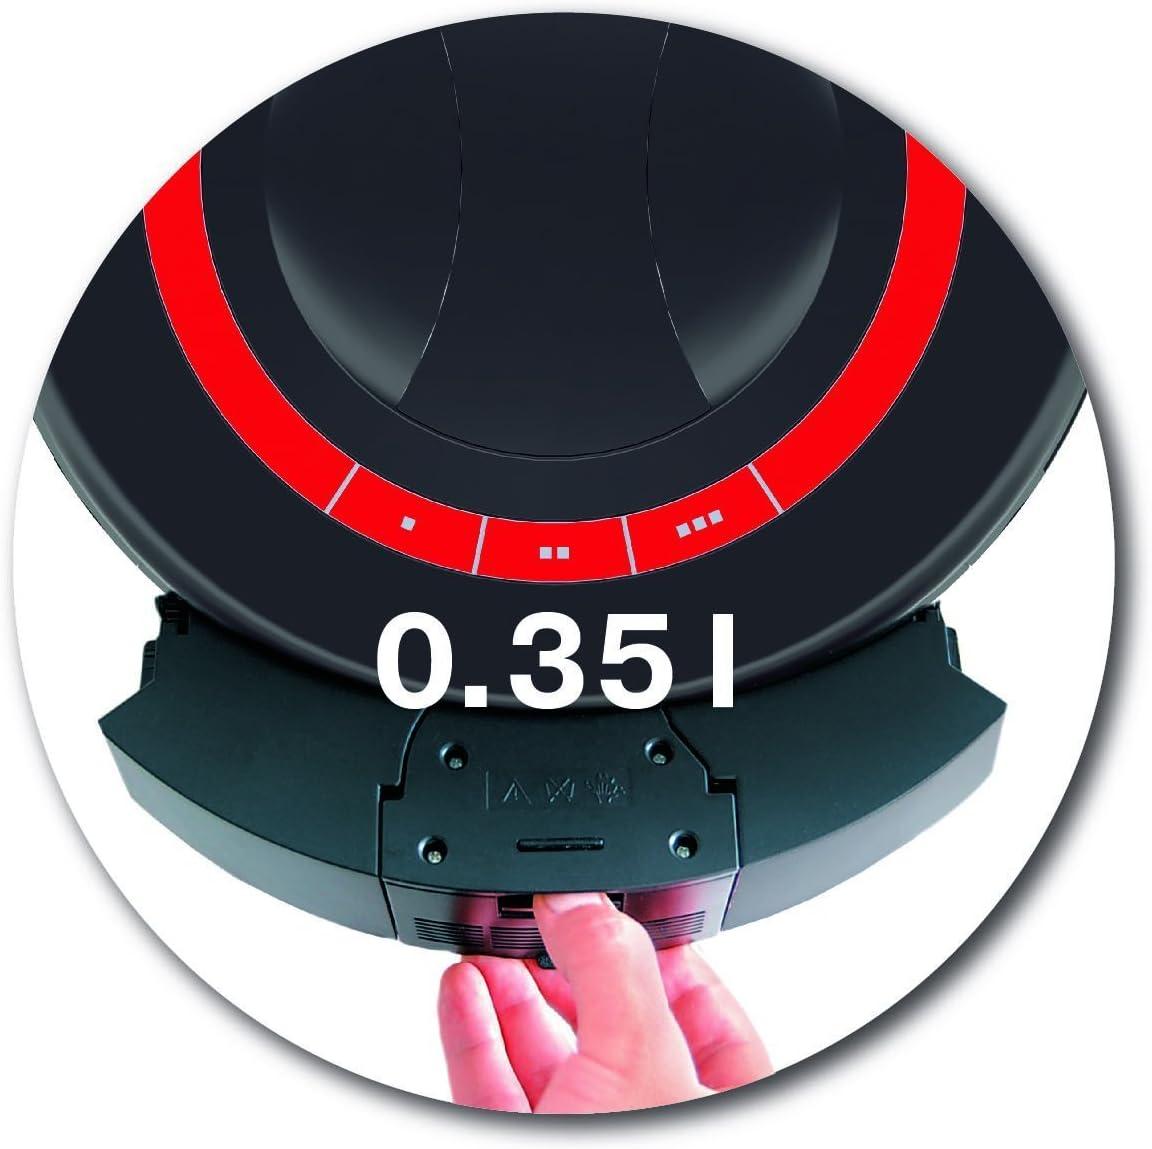 Vileda VR301 Saugroboter mit Ladestation Hinderniserkennung und Zeitsteuerung